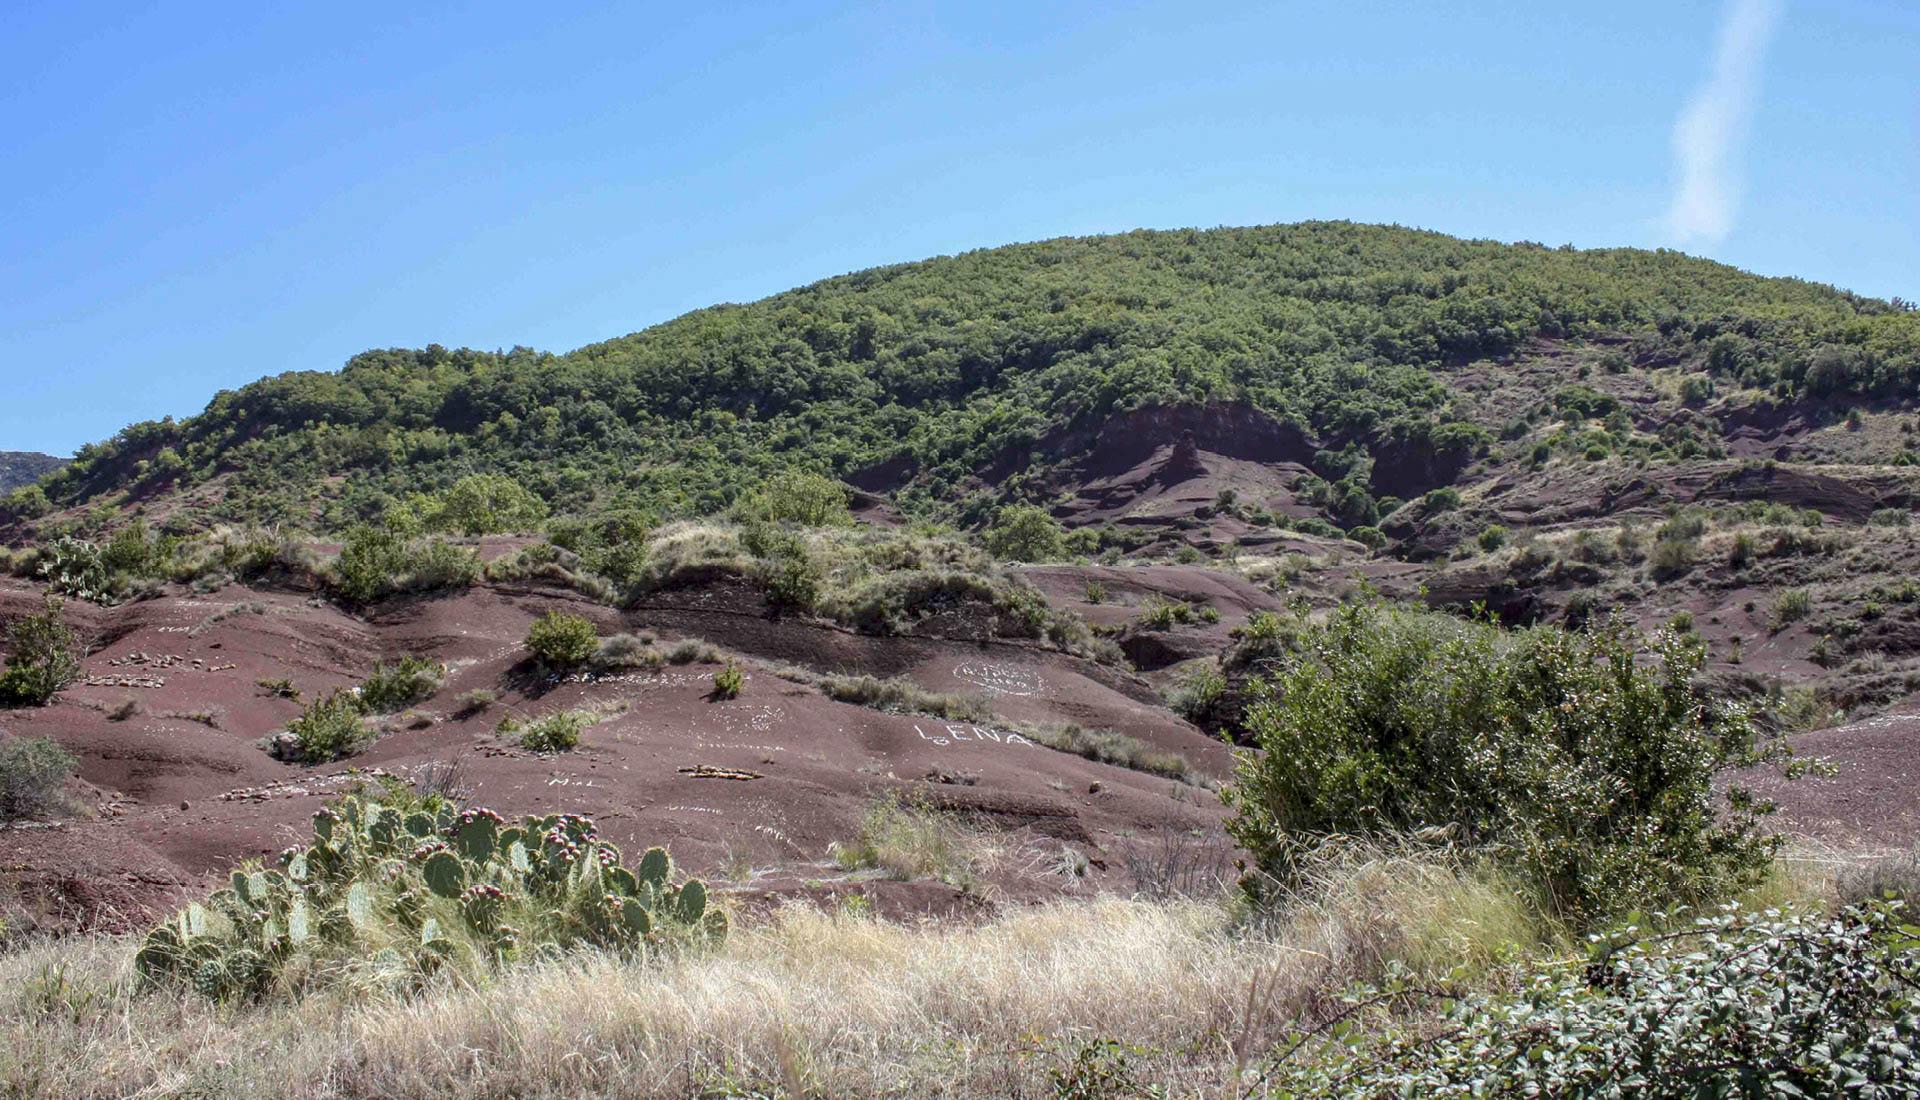 Des milieux ouverts typiquement méditerranéens Grand Site Salagou